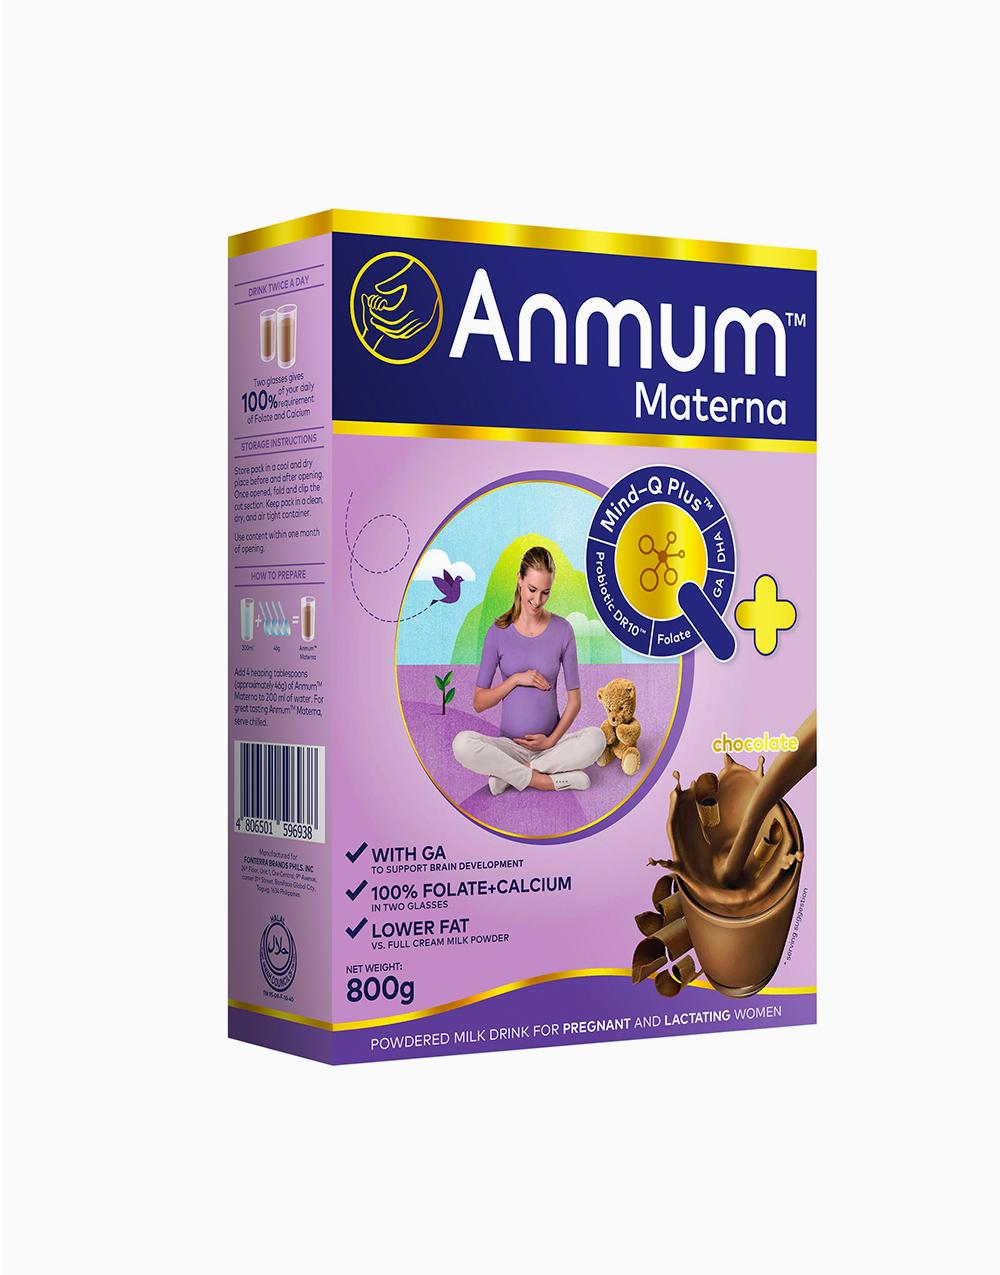 Anmum Materna Chocolate (800g) by Anmum